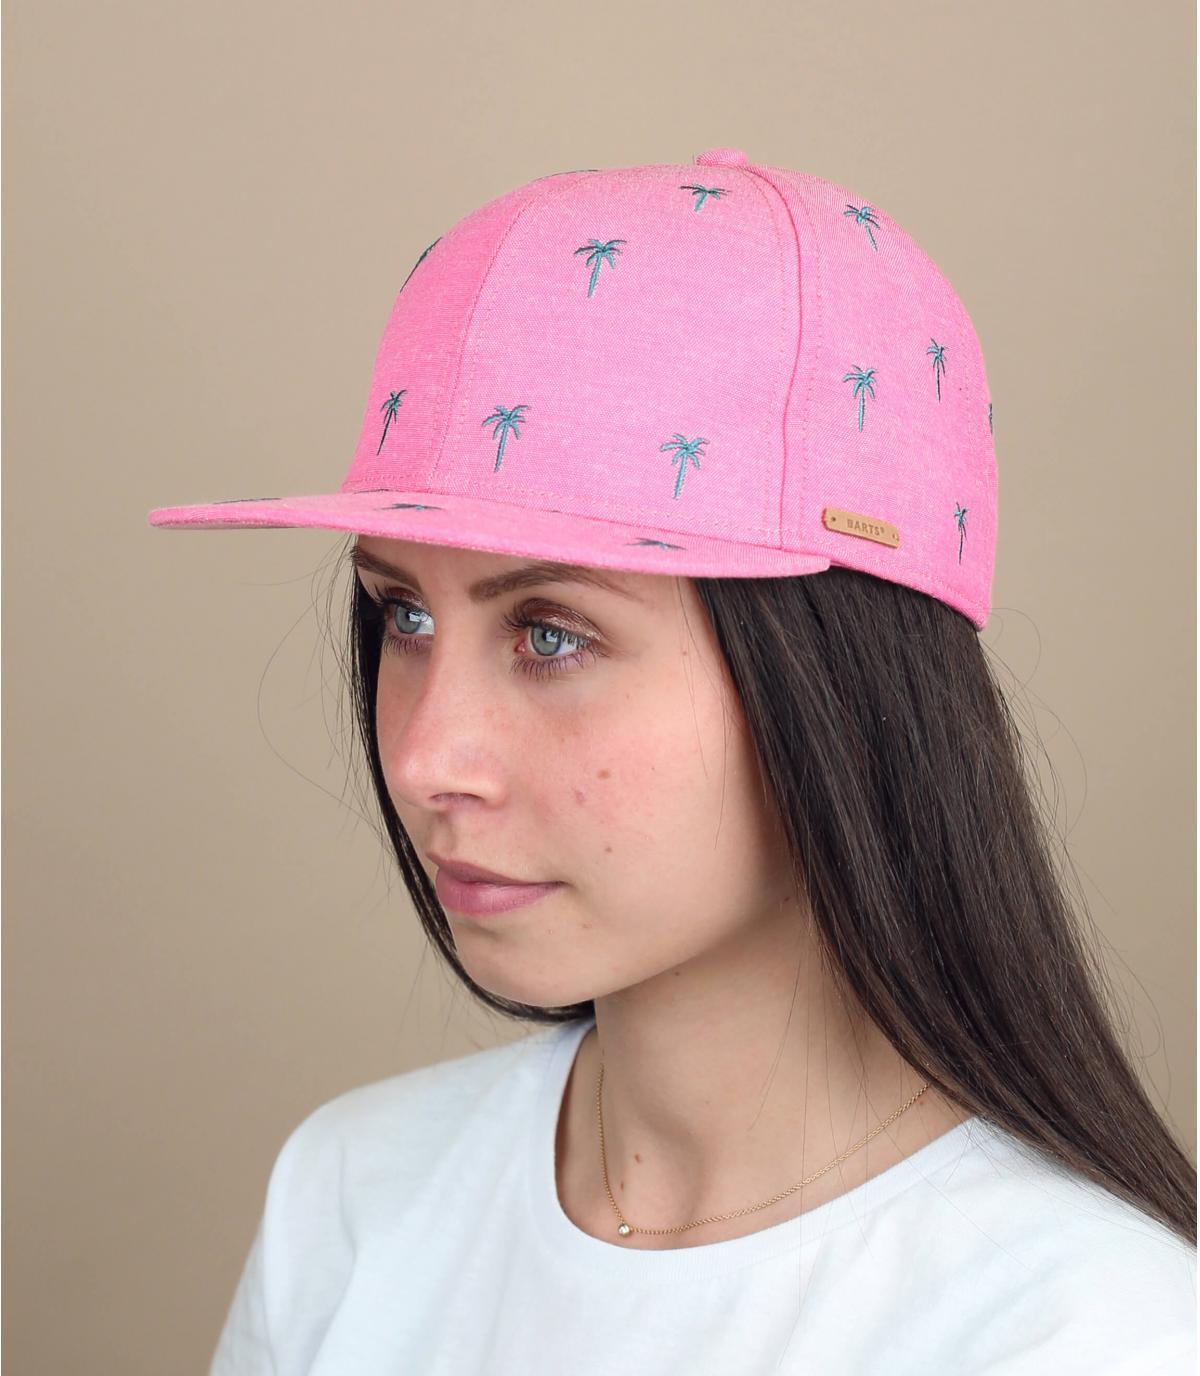 Gorra niña rosa palmeras.